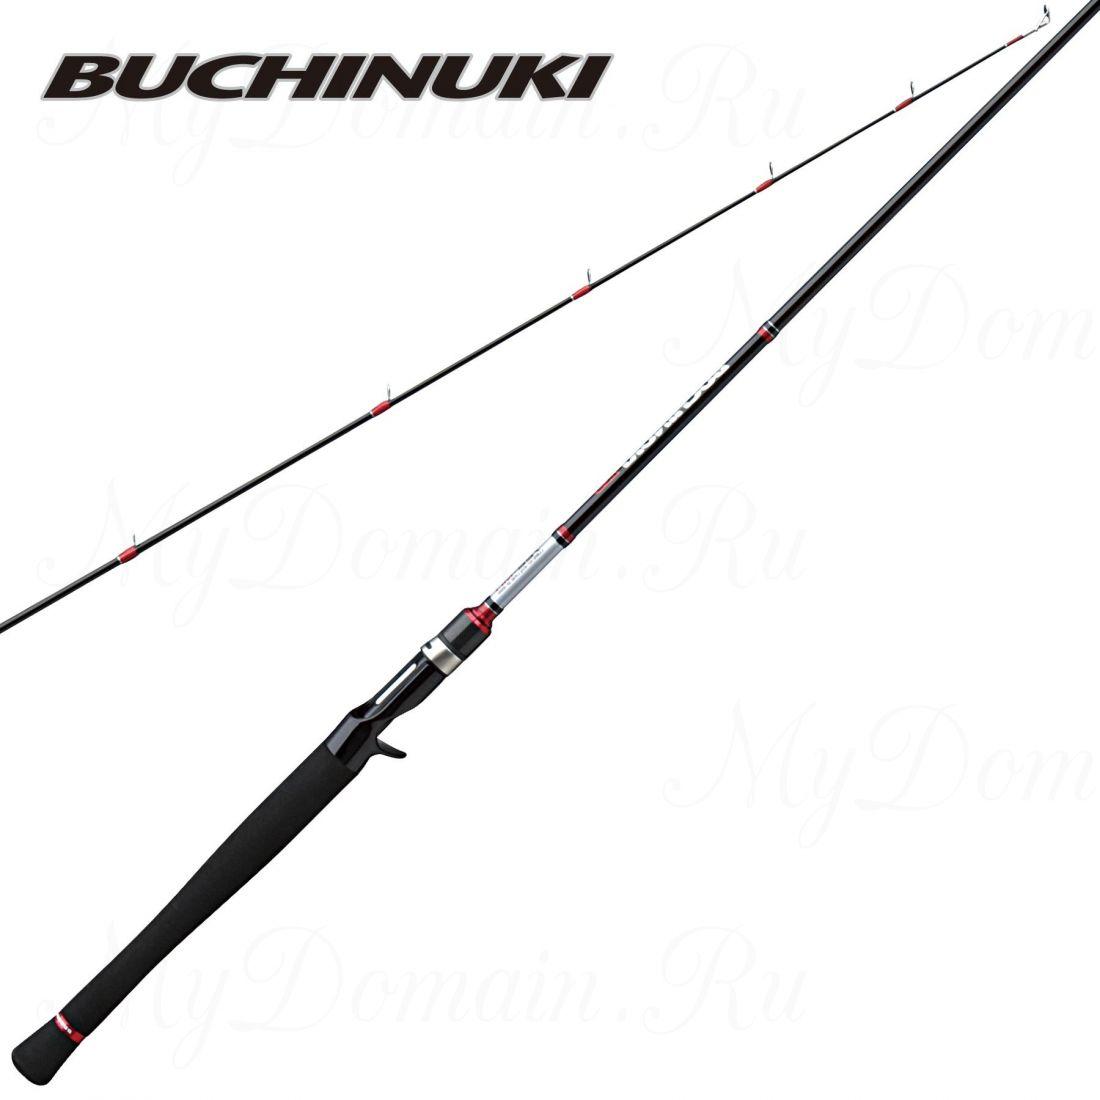 Удилище кастинговое Prox Buchinuki BC-X 662M 200 cм, 2 секции, 7-28 гр, вес 138 гр, транспортная длина 104 см.